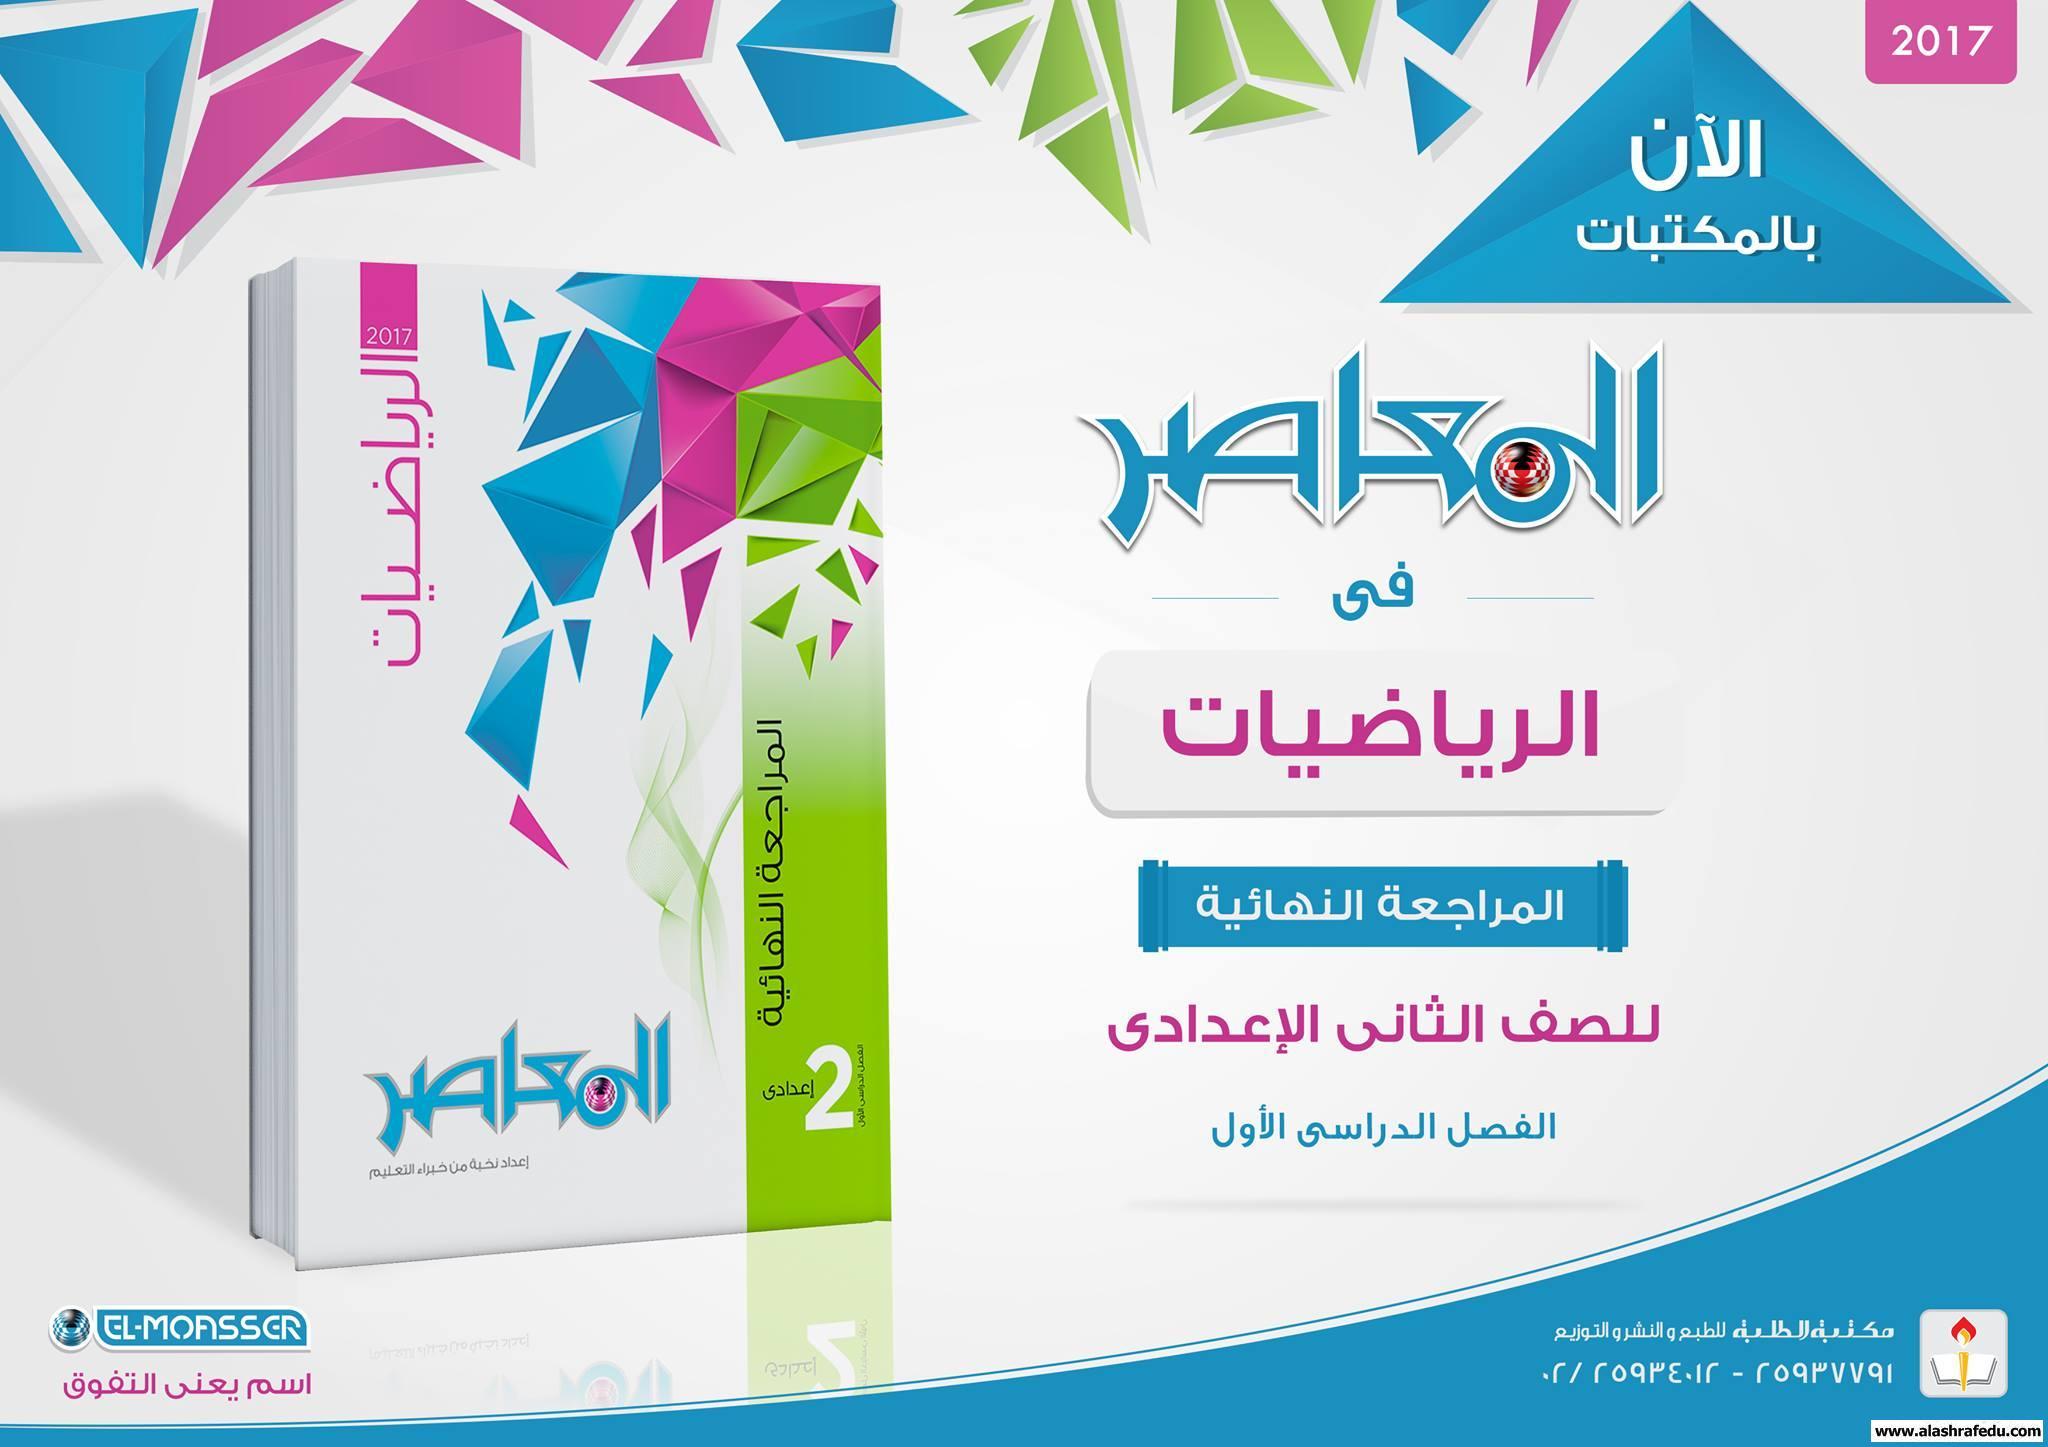 كتاب المعاصر المراجعه النهائيه الرياضيات 2017 الثانى www.alashrafedu.com1